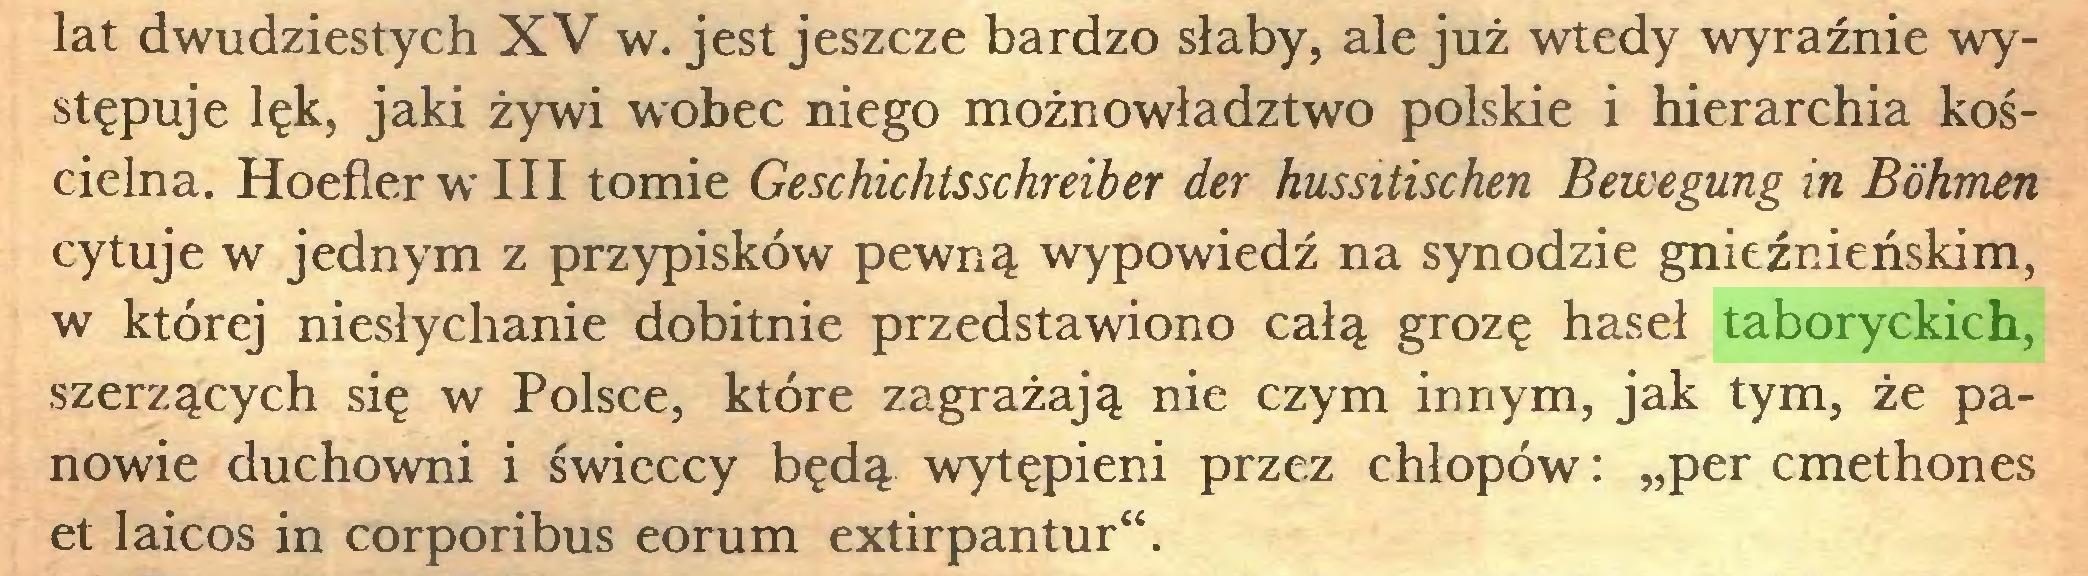 """(...) lat dwudziestych XV w. jest jeszcze bardzo słaby, ale już wtedy wyraźnie występuje lęk, jaki żywi wobec niego możnowładztwo polskie i hierarchia kościelna. HoeflerwIII tomie Geschichtsschreiber der hussitischen Bewegung in Böhmen cytuje w jednym z przypisków pewną wypowiedź na synodzie gnieźnieńskim, w której niesłychanie dobitnie przedstawiono całą grozę haseł taboryckich, szerzących się w Polsce, które zagrażają nie czym innym, jak tym, że panowie duchowni i świeccy będą wytępieni przez chłopów: """"per cmethones et laicos in corporibus eorum extirpantur""""..."""